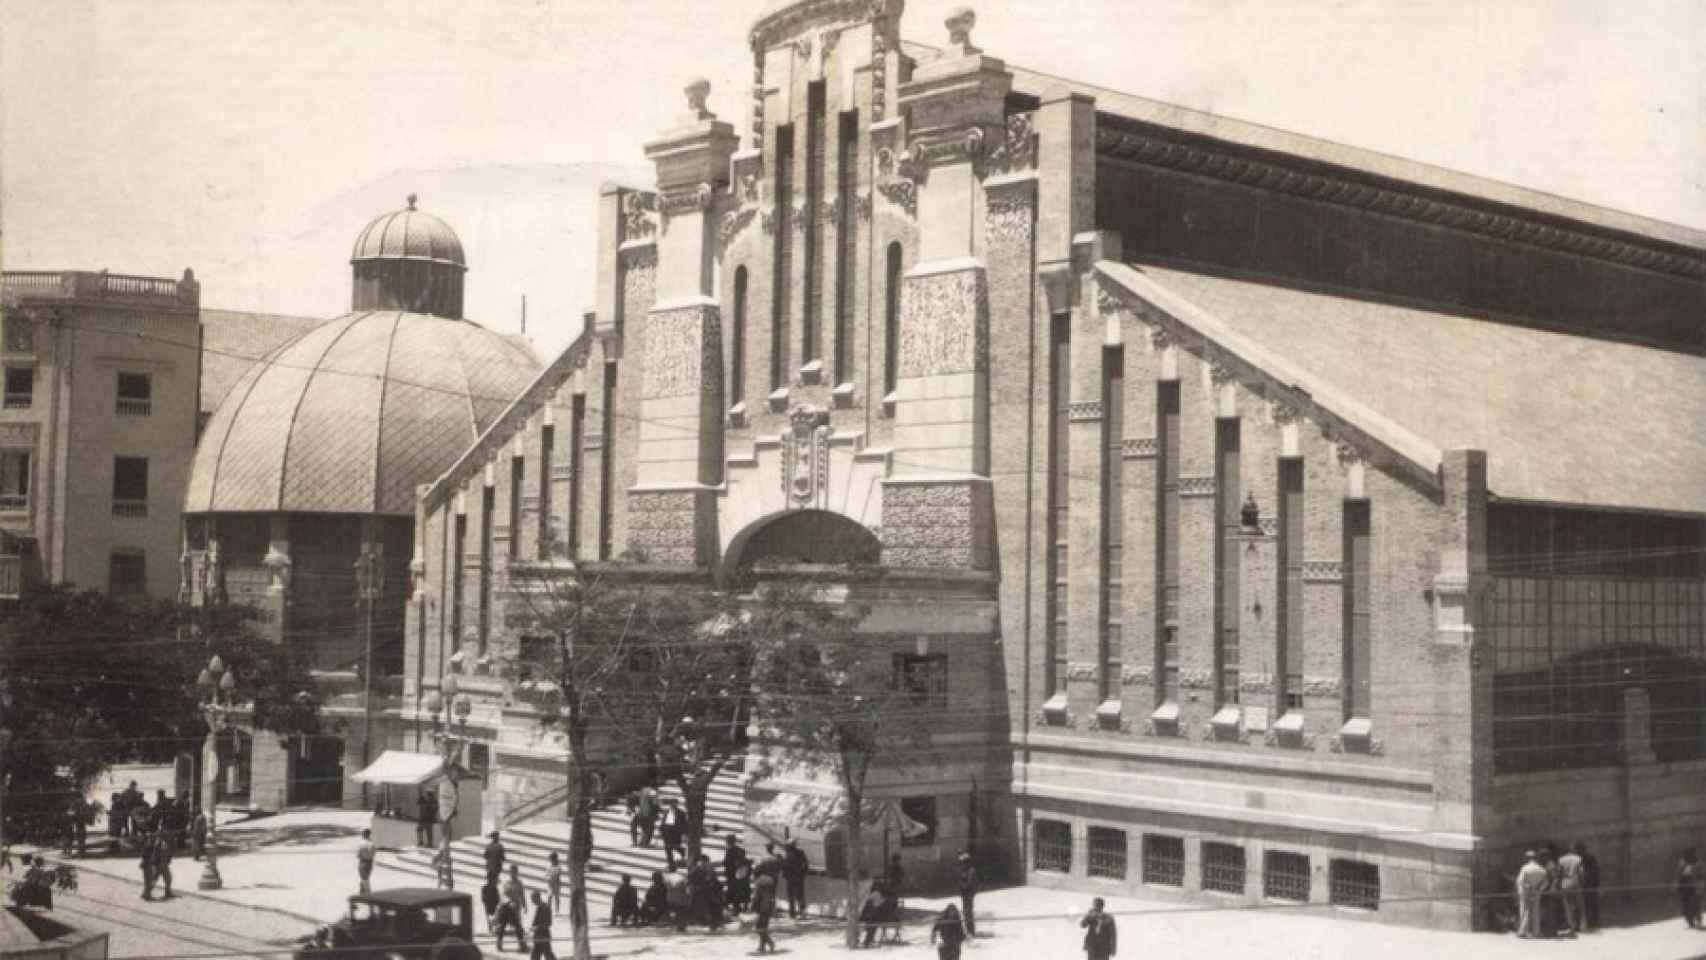 El Mercado Central de Alicante, en 1931. El 25 de mayo de siete años después sufrió el mayor bombardeo a la población civil.